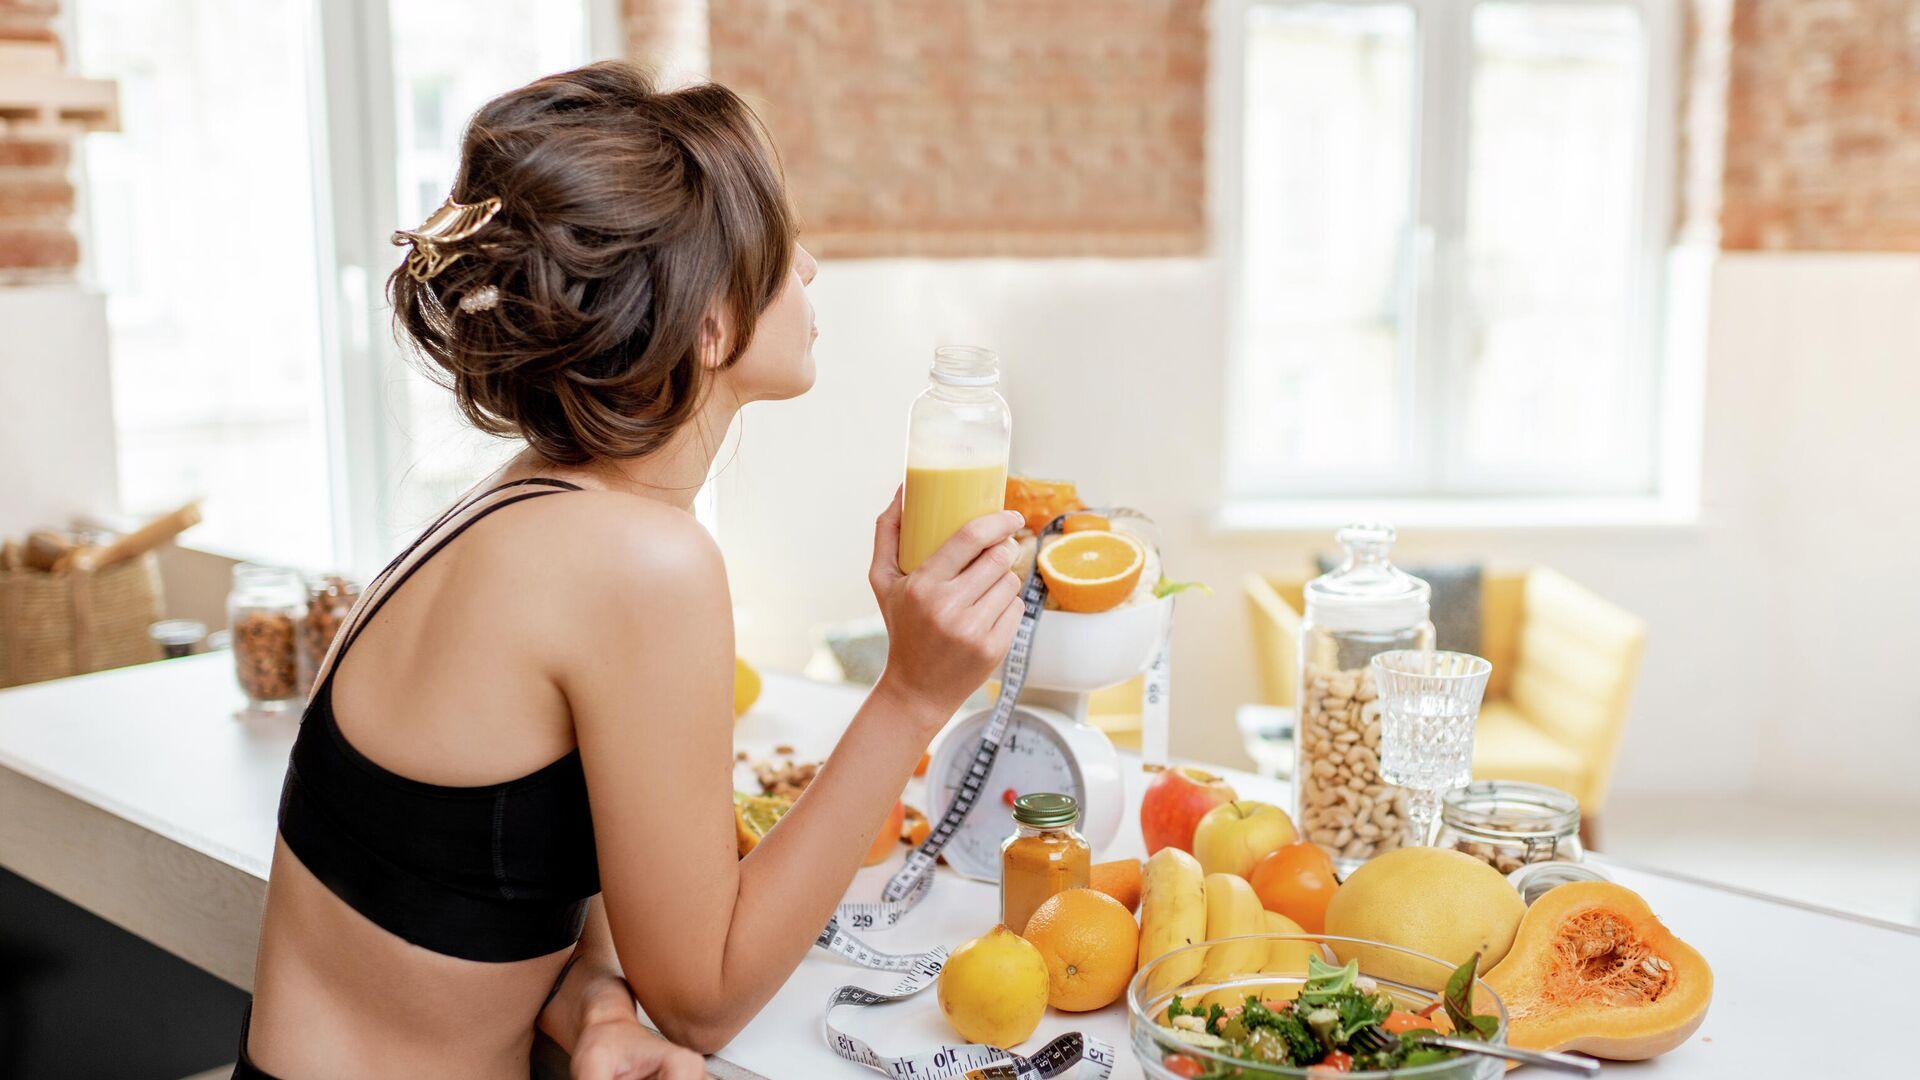 Девушка пьет апельсиновый сок - РИА Новости, 1920, 09.09.2021